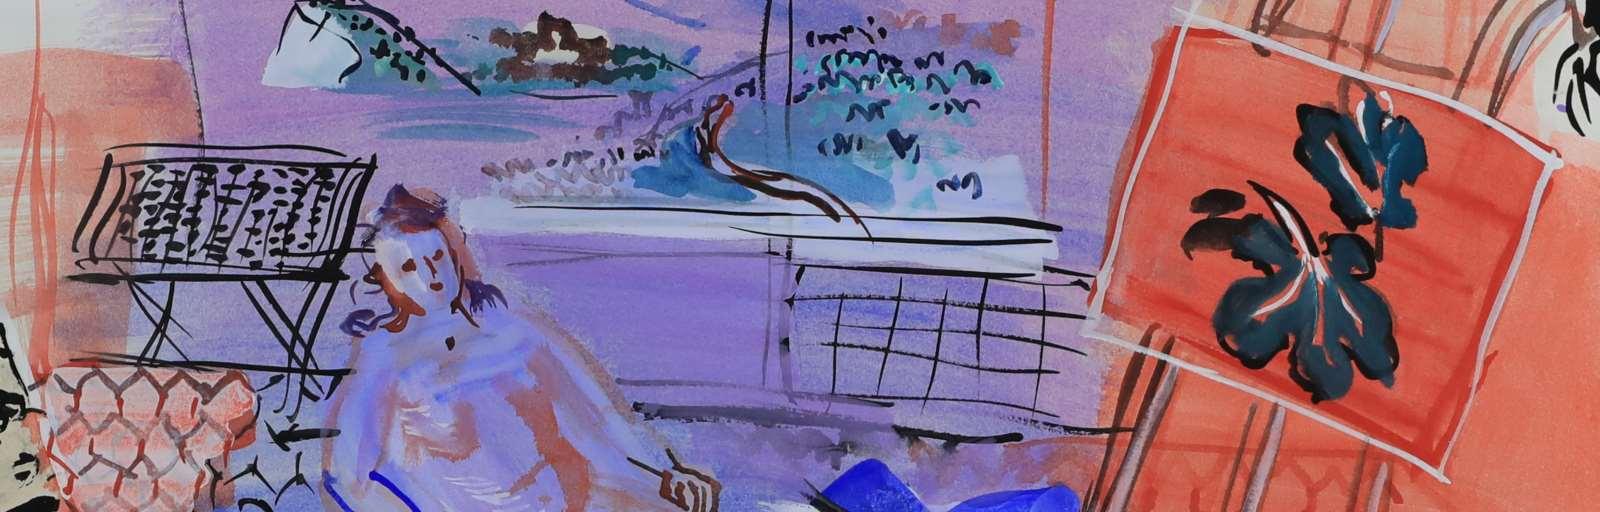 RAOUL DUFY (1877 - 1953)  - L'Atelier à Vence